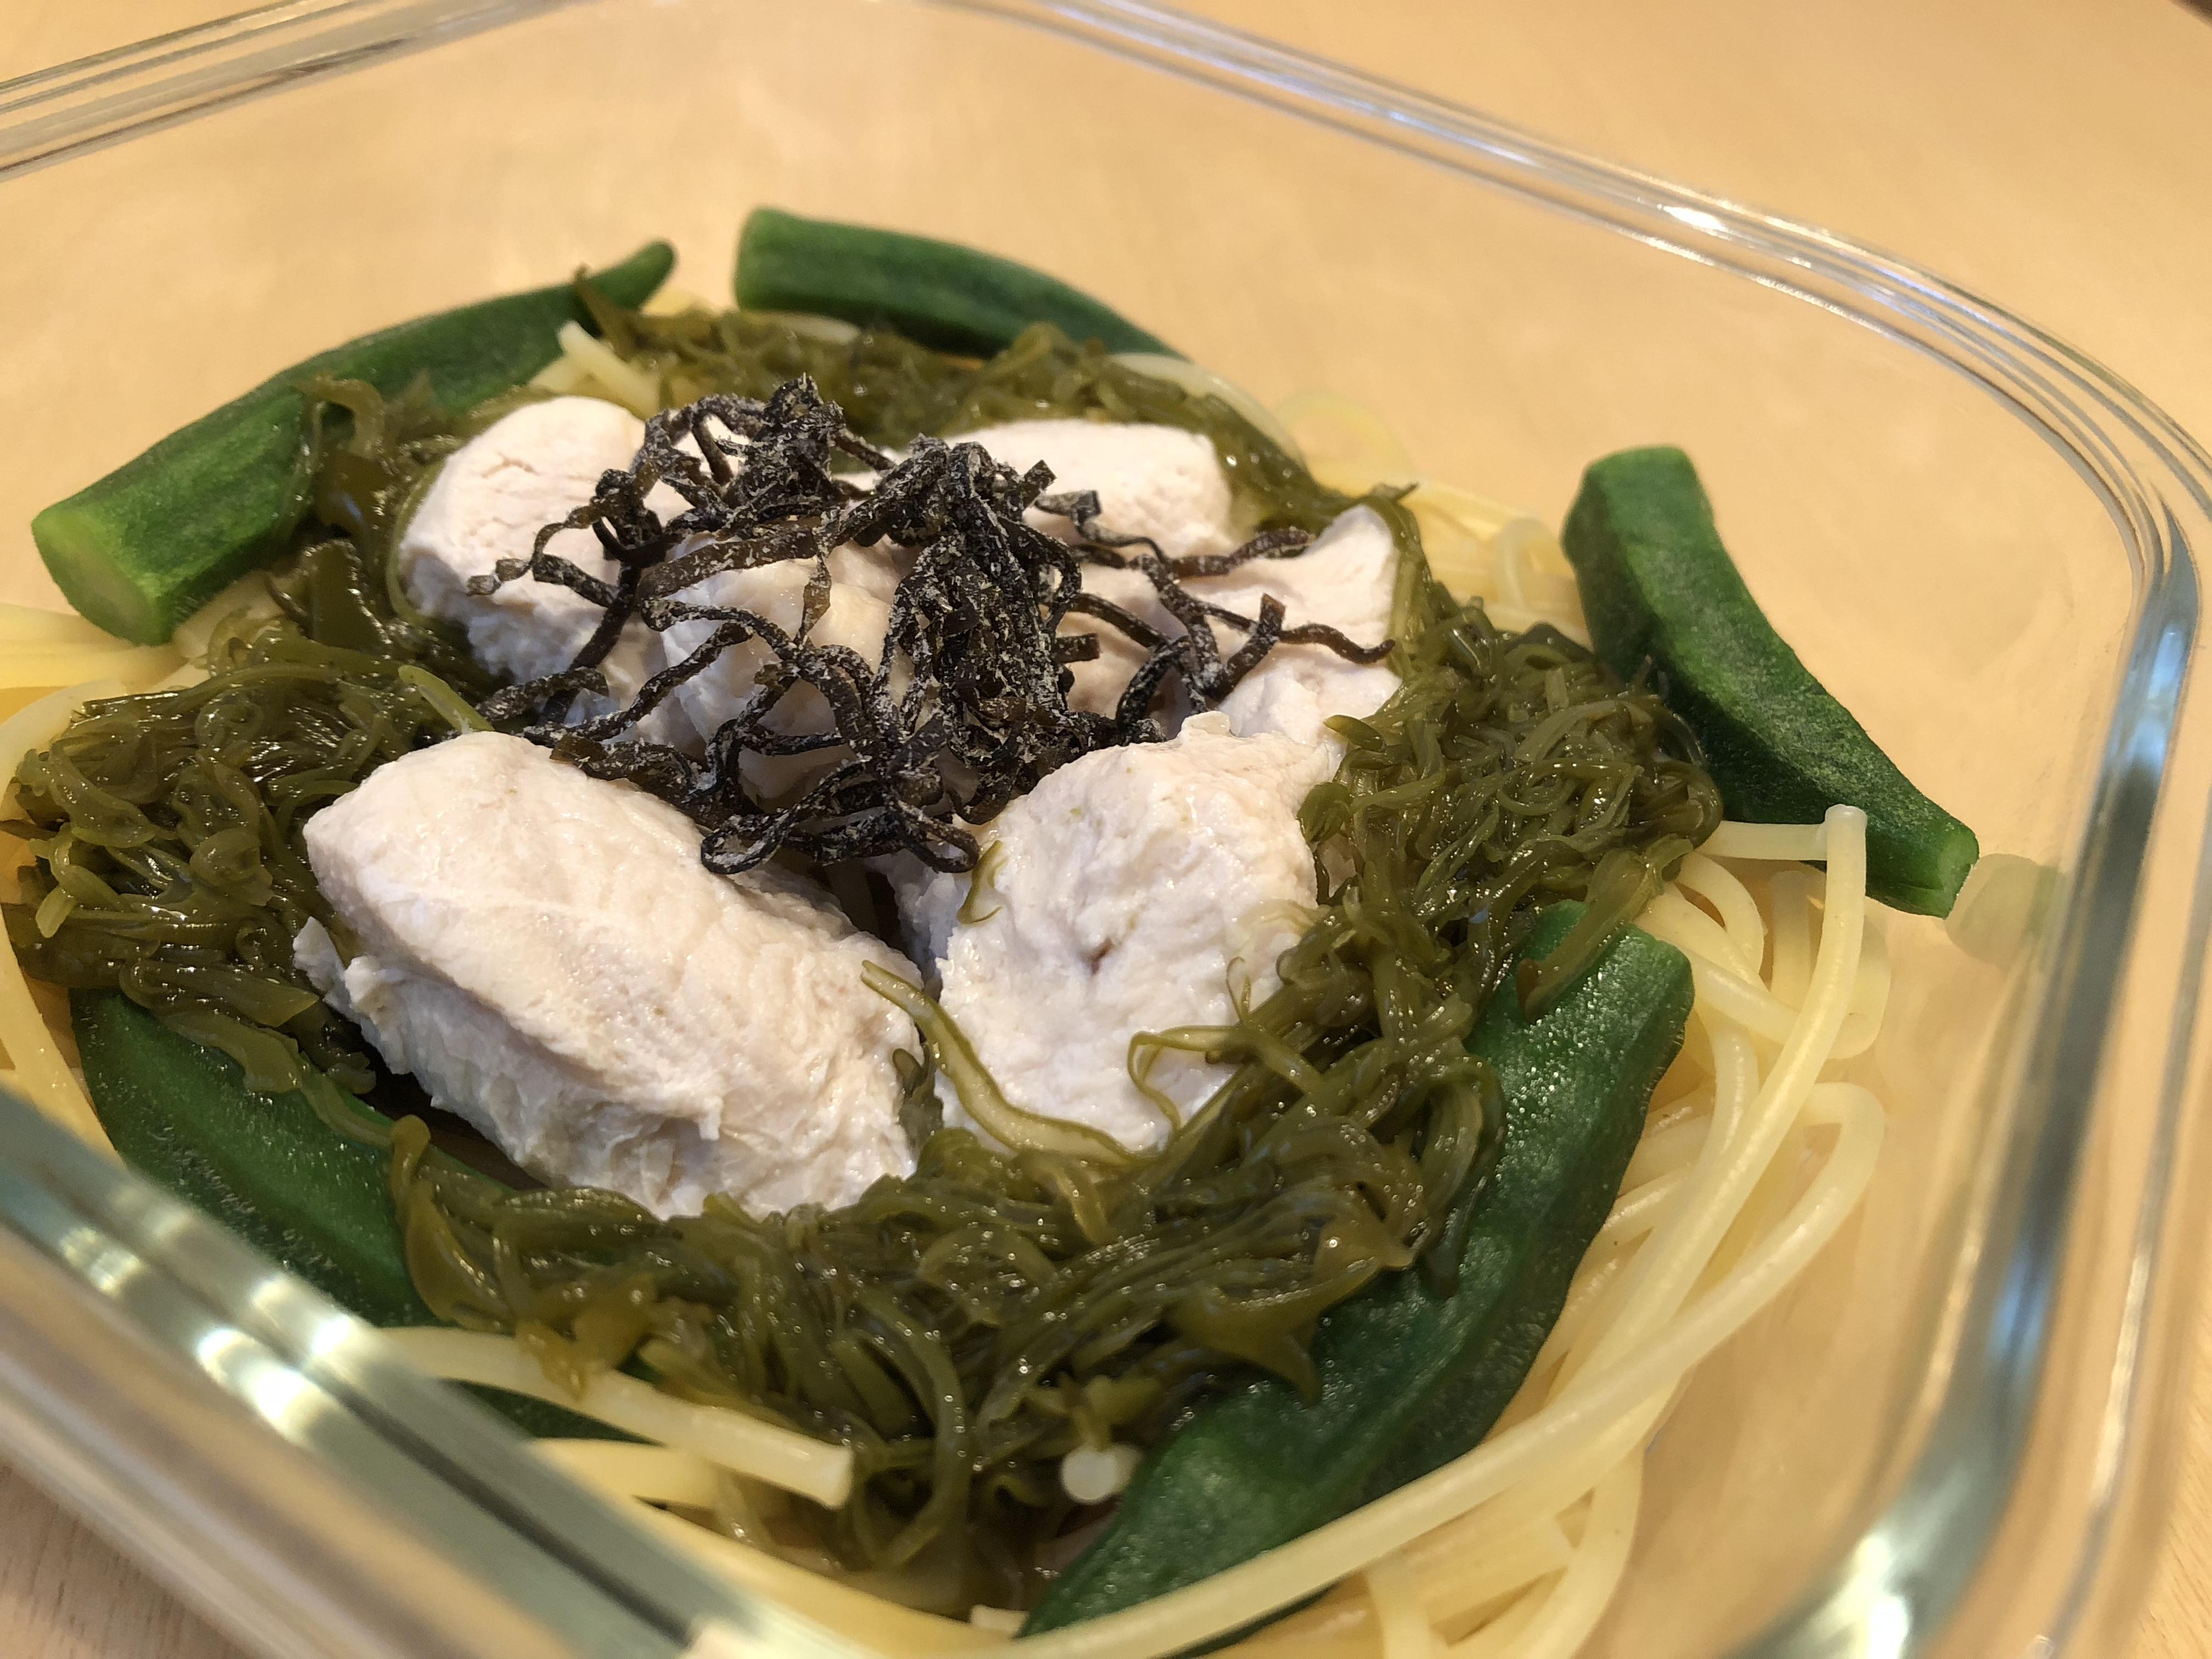 茹でた鶏胸肉 + めかぶ・冷凍オクラ・塩昆布 + めんつゆ